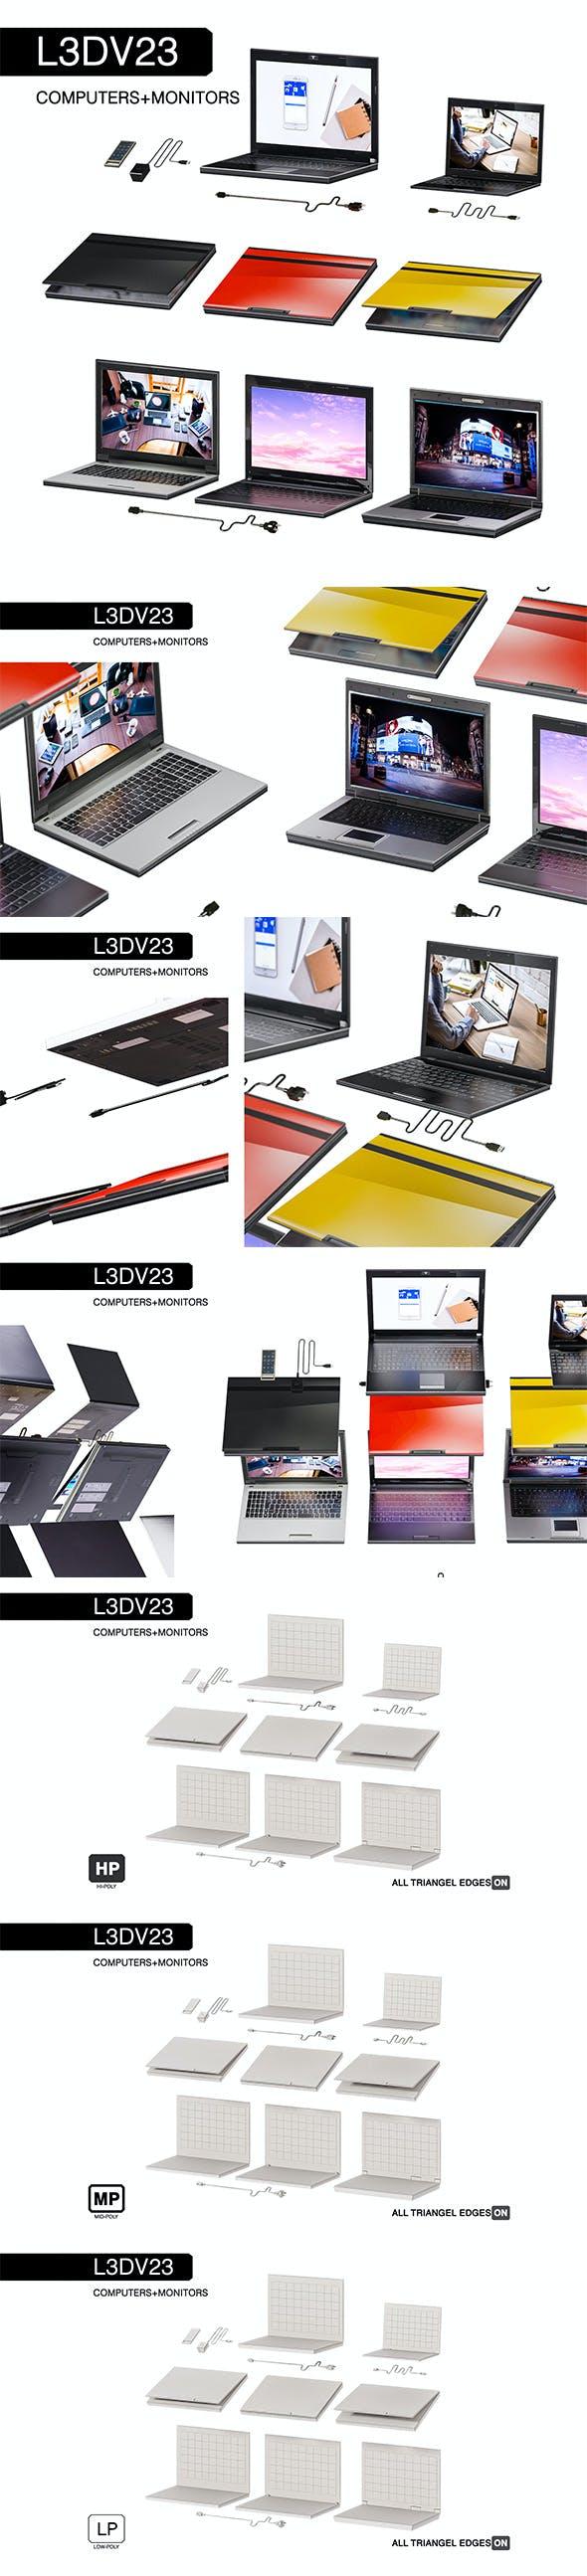 L3DV23G01 - laptops cabels set - 3DOcean Item for Sale